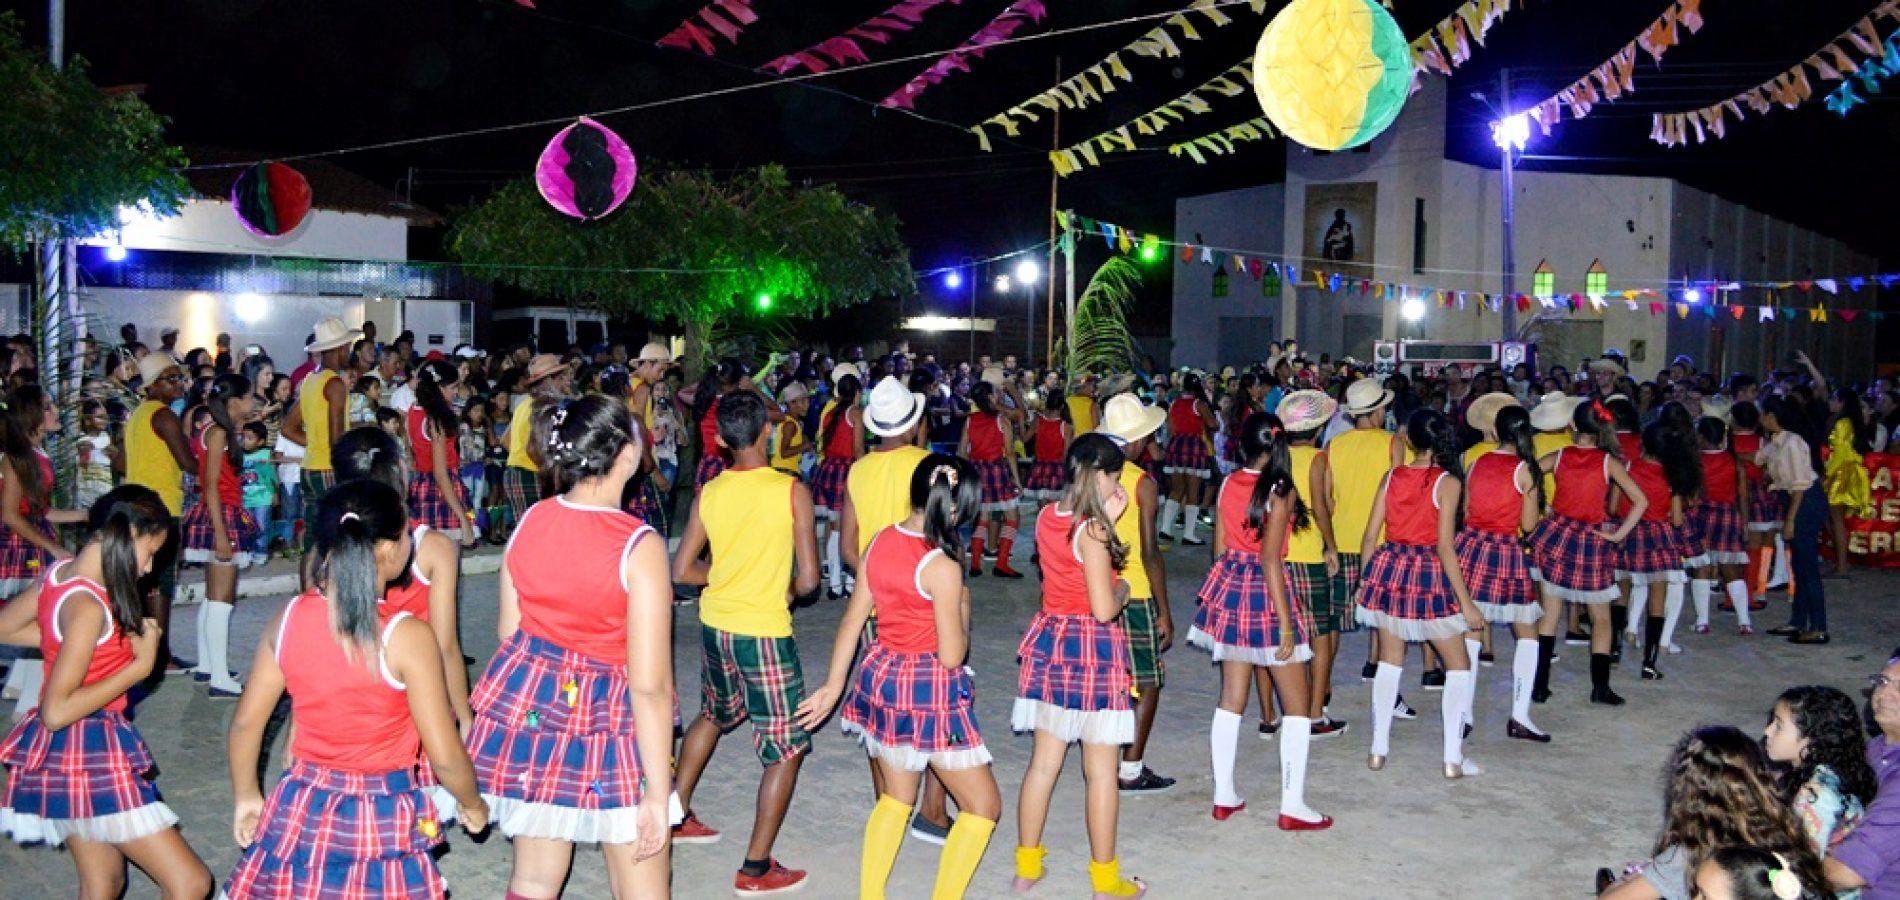 Educação promove a cultura com festas juninas em Campo Grande do Piauí; veja fotos